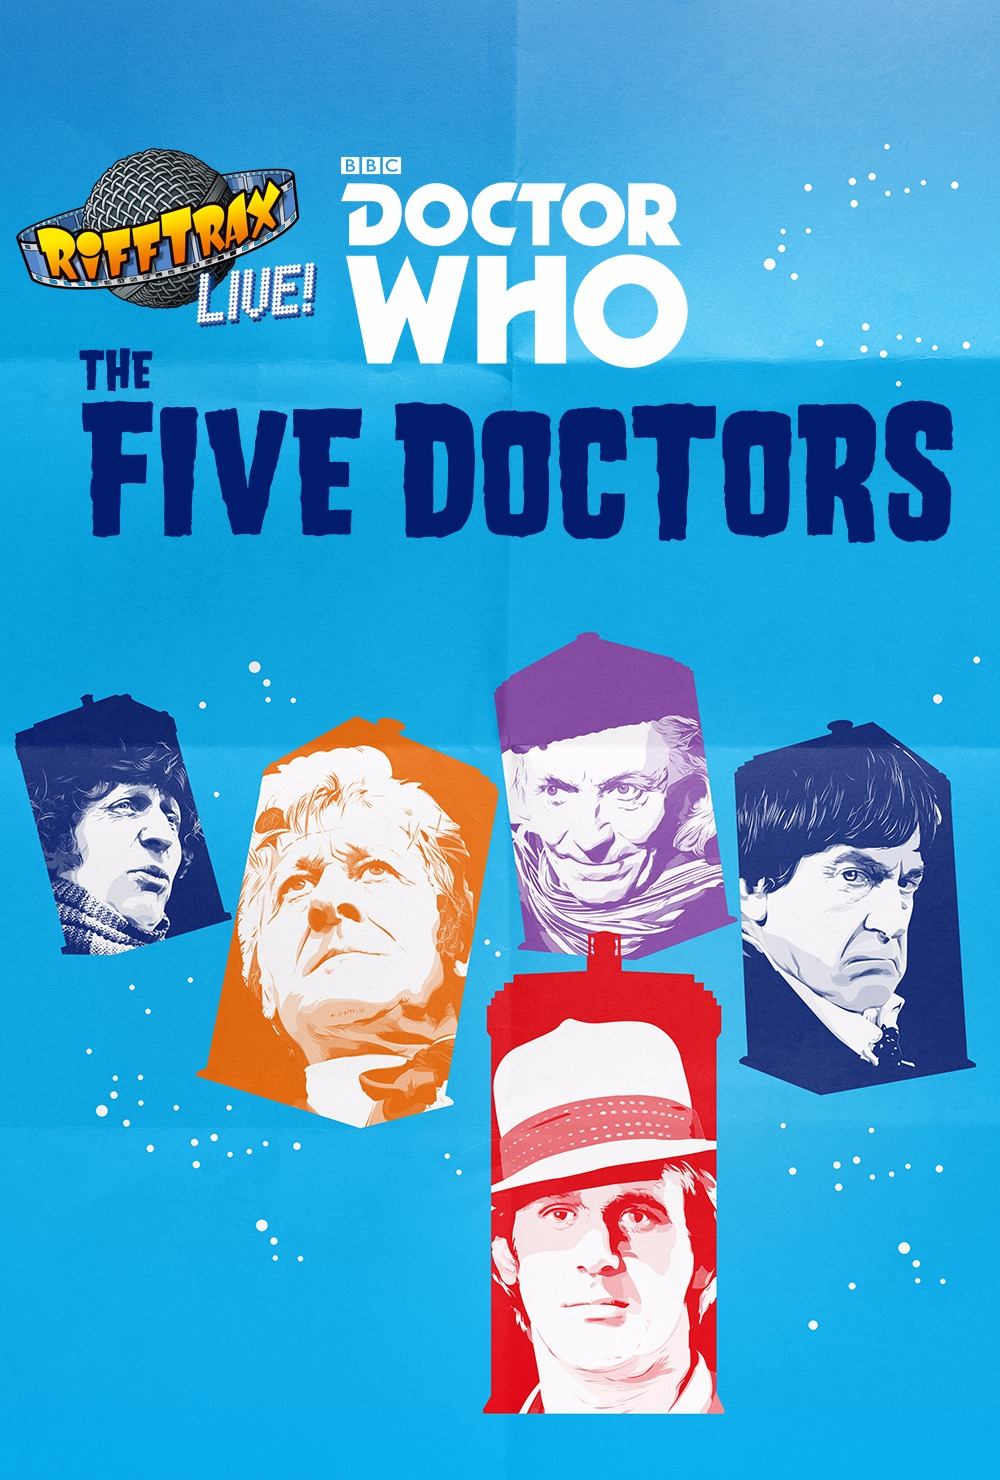 RiffTrax Live: Doctor Who